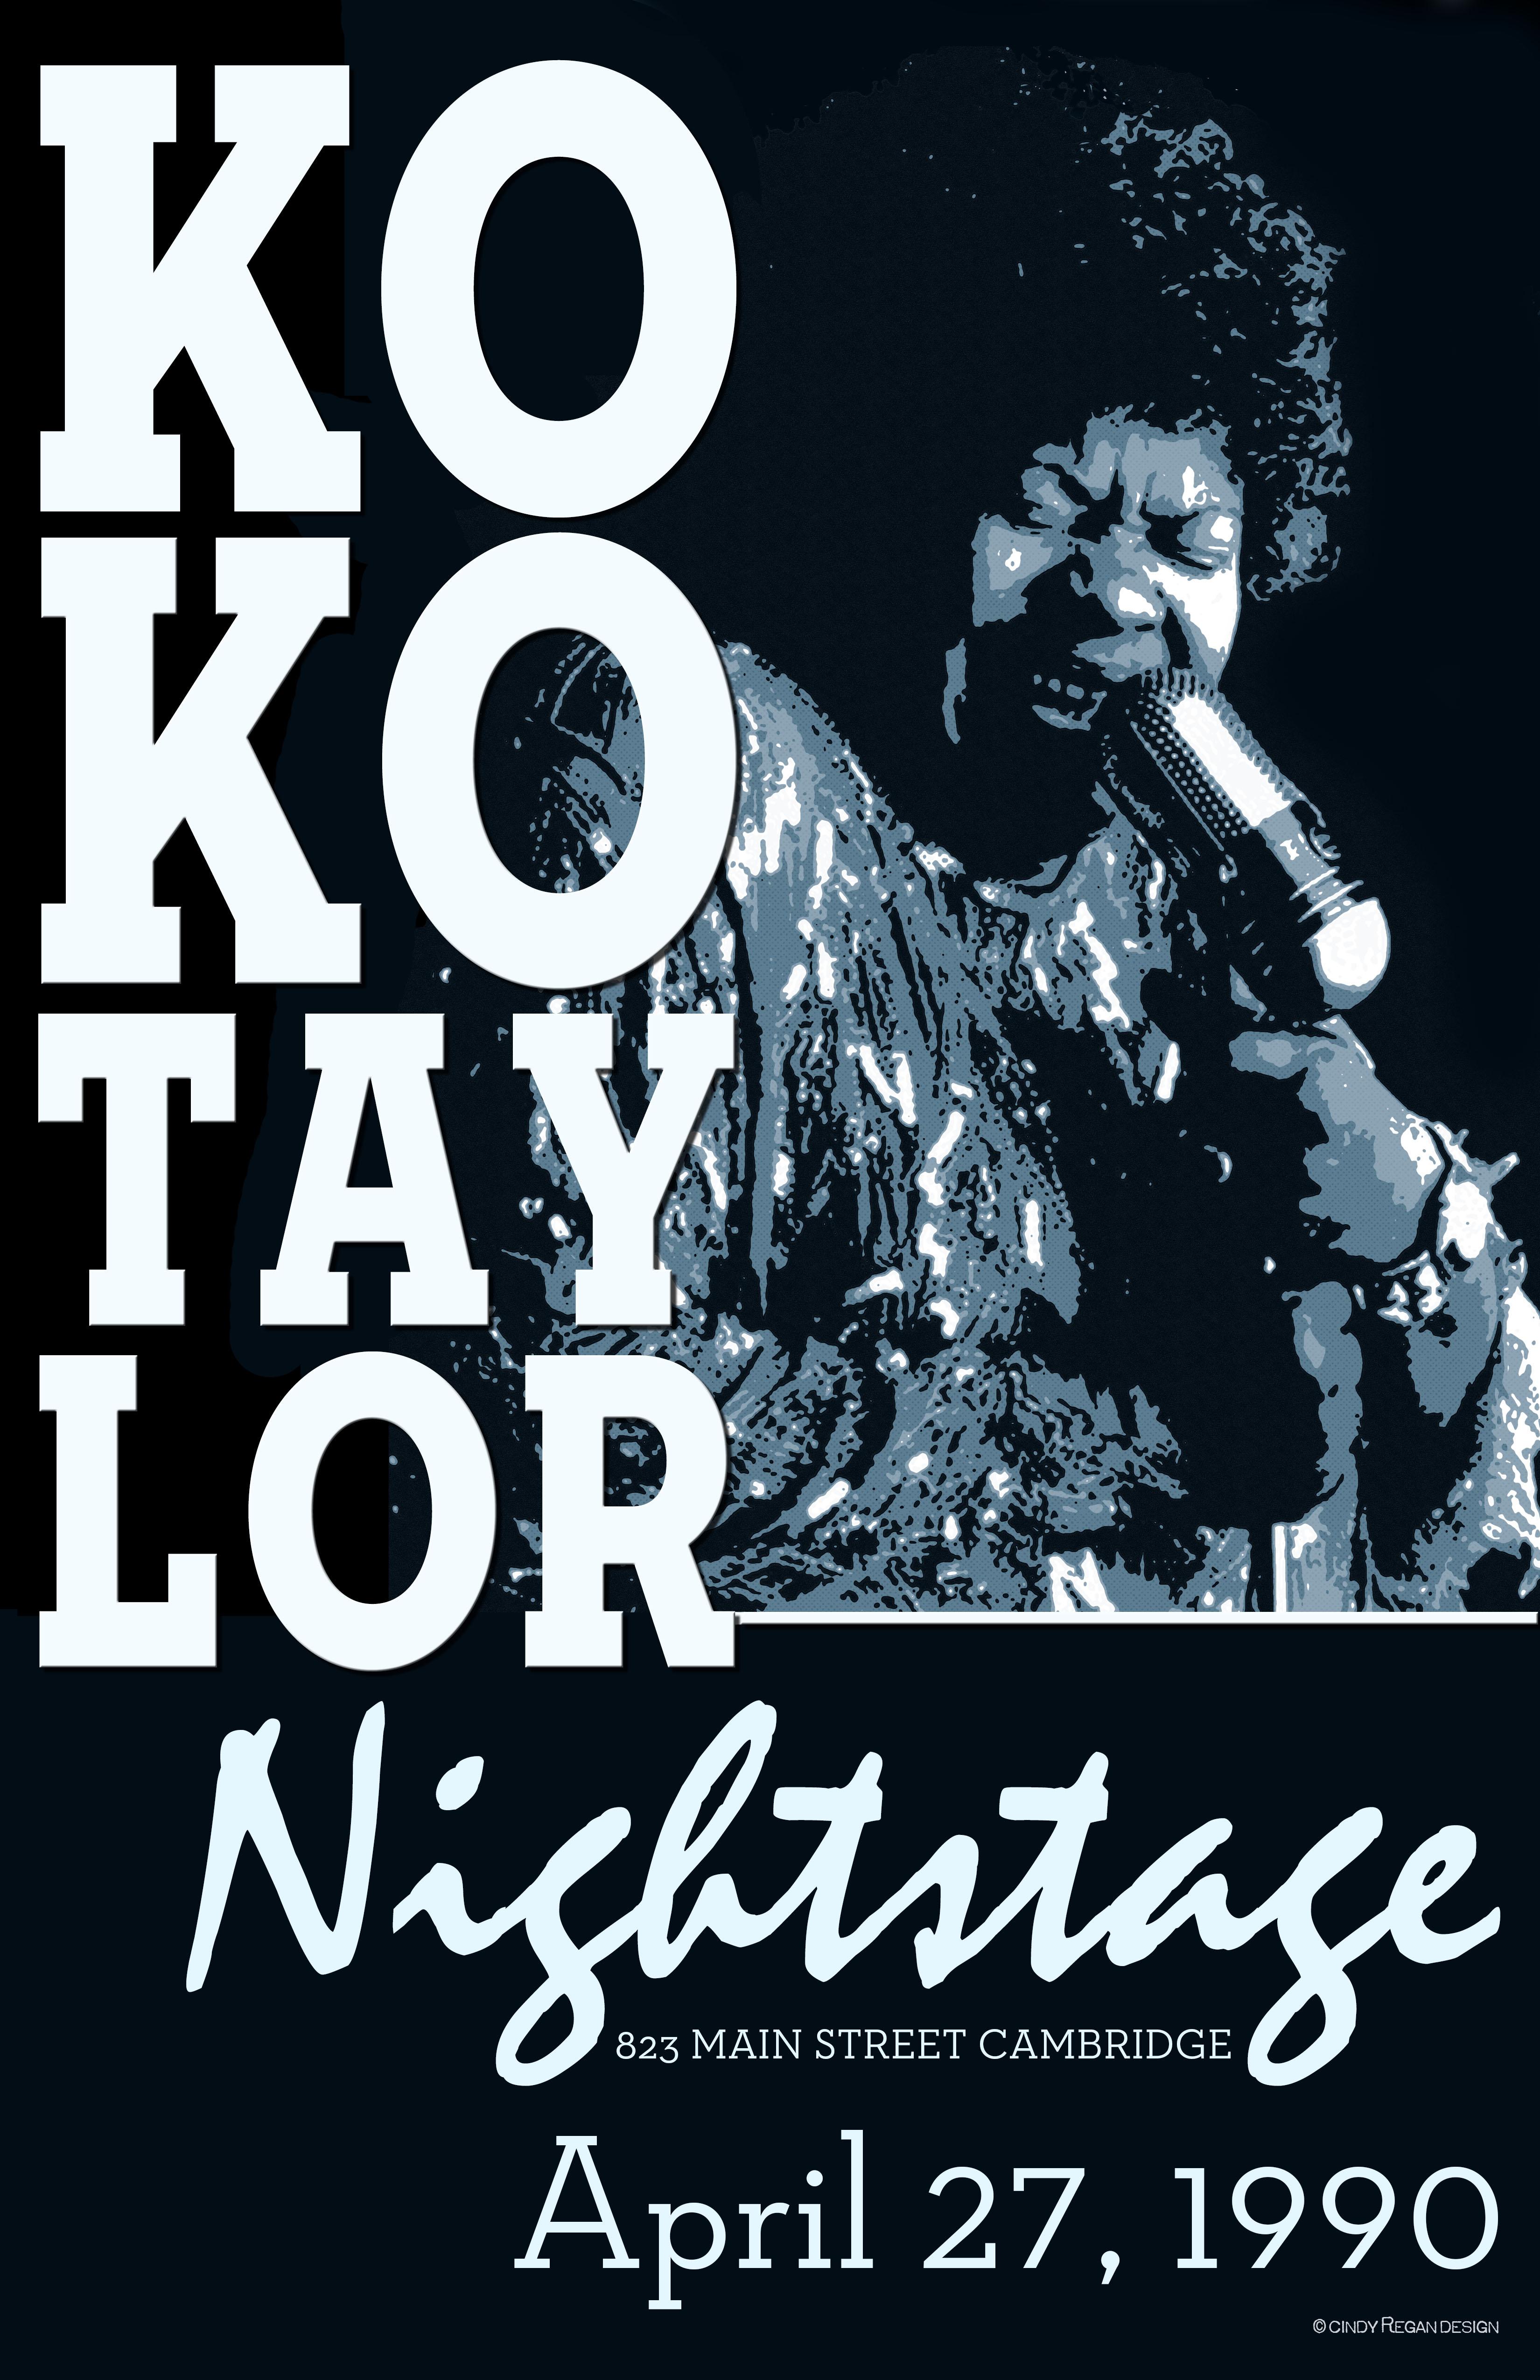 koko taylor nightstage 4-27-90